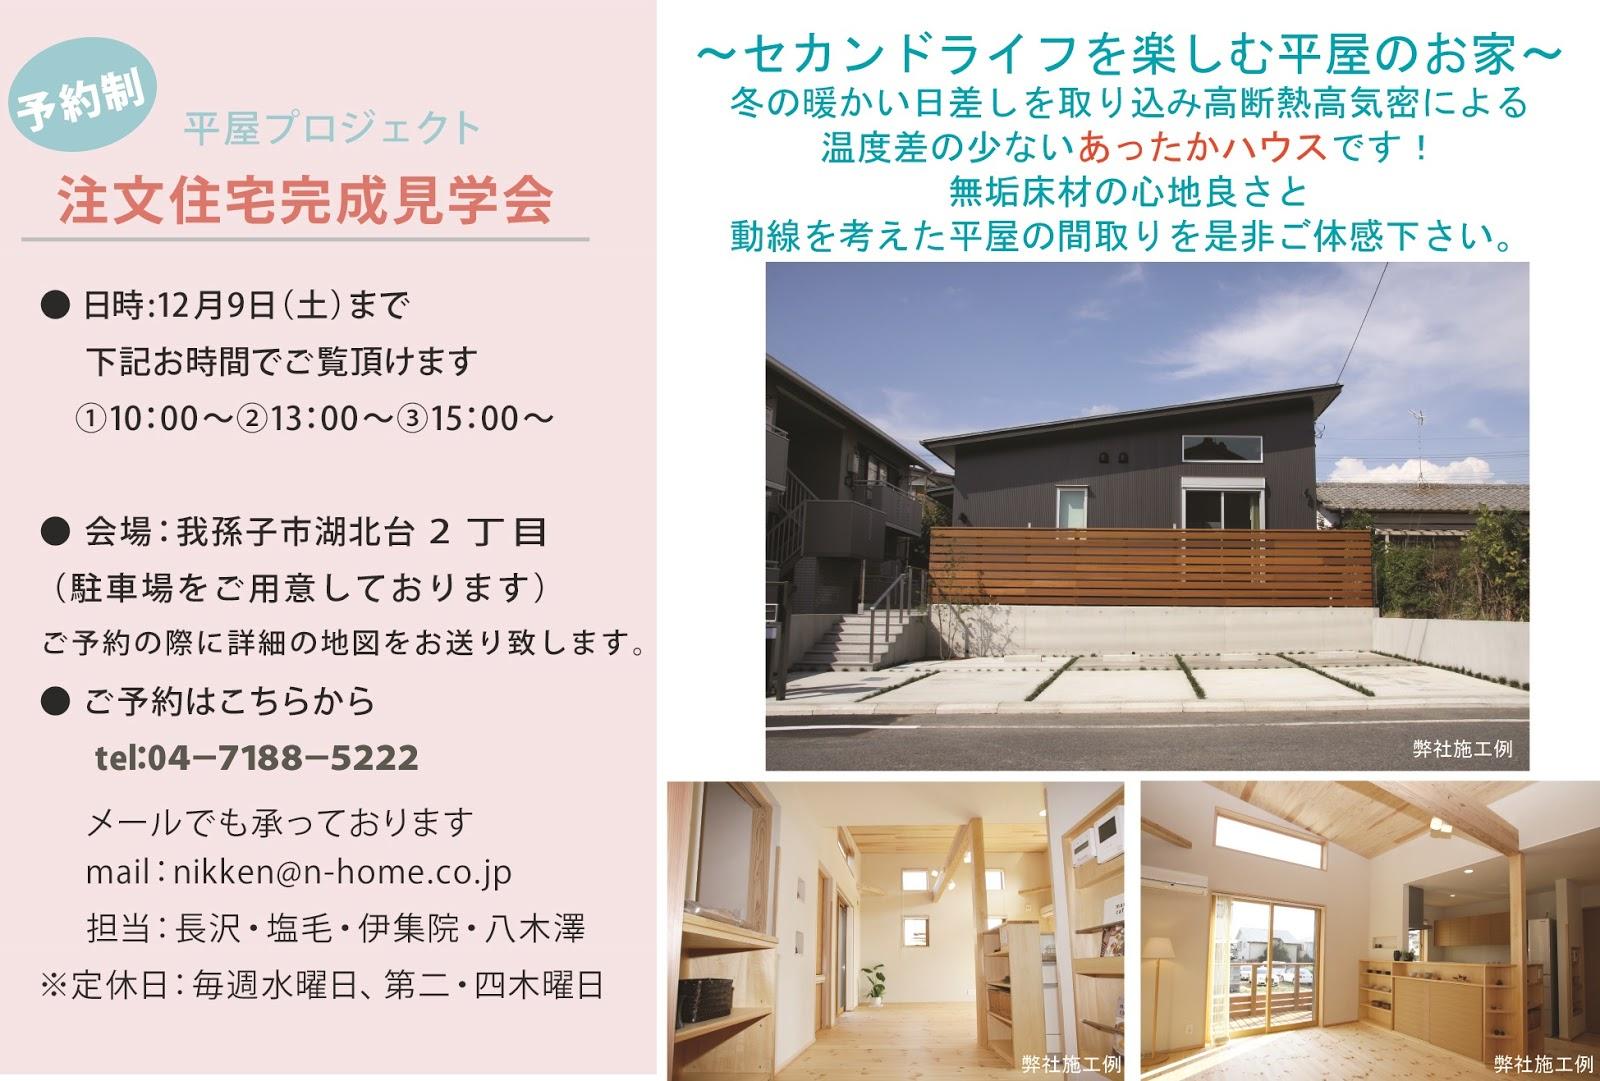 2017年11月28日(火)〜12月9日(土)注文住宅完成見学会開催します!